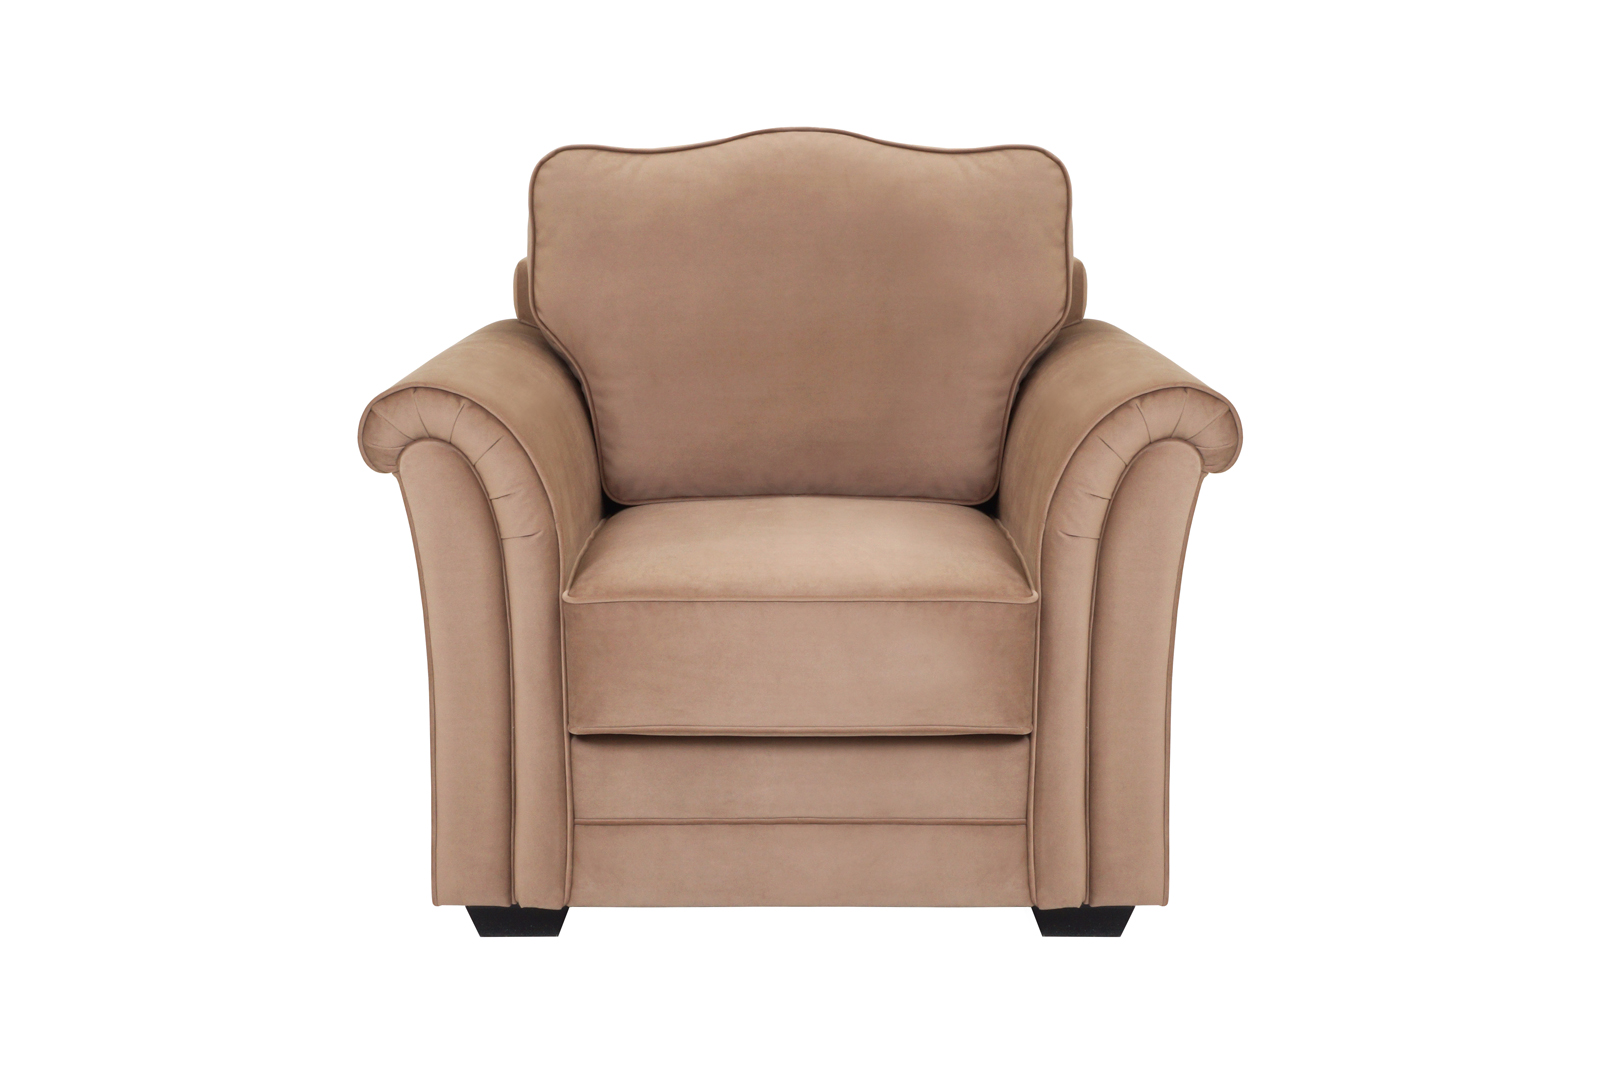 Кресло SydИнтерьерные кресла<br>Это кресло вдохновлено самой природой! Изящные подлокотники, напоминающие по форме панцирь улитки, и спинка, похожая на изящный листик, сочетаются с нежным цветом пиона. Романтичный и элегантный вариант для гостиной в стиле Прованс.Каркас: деревянный брус, фанераСиденье: пружинный блок, пенополиуретан, холлофайберЛицевой чехол: несъёмныйШирина сиденья:54 см.Глубина сиденья:57 см.Высота сиденья:48 см.<br><br>kit: None<br>gender: None